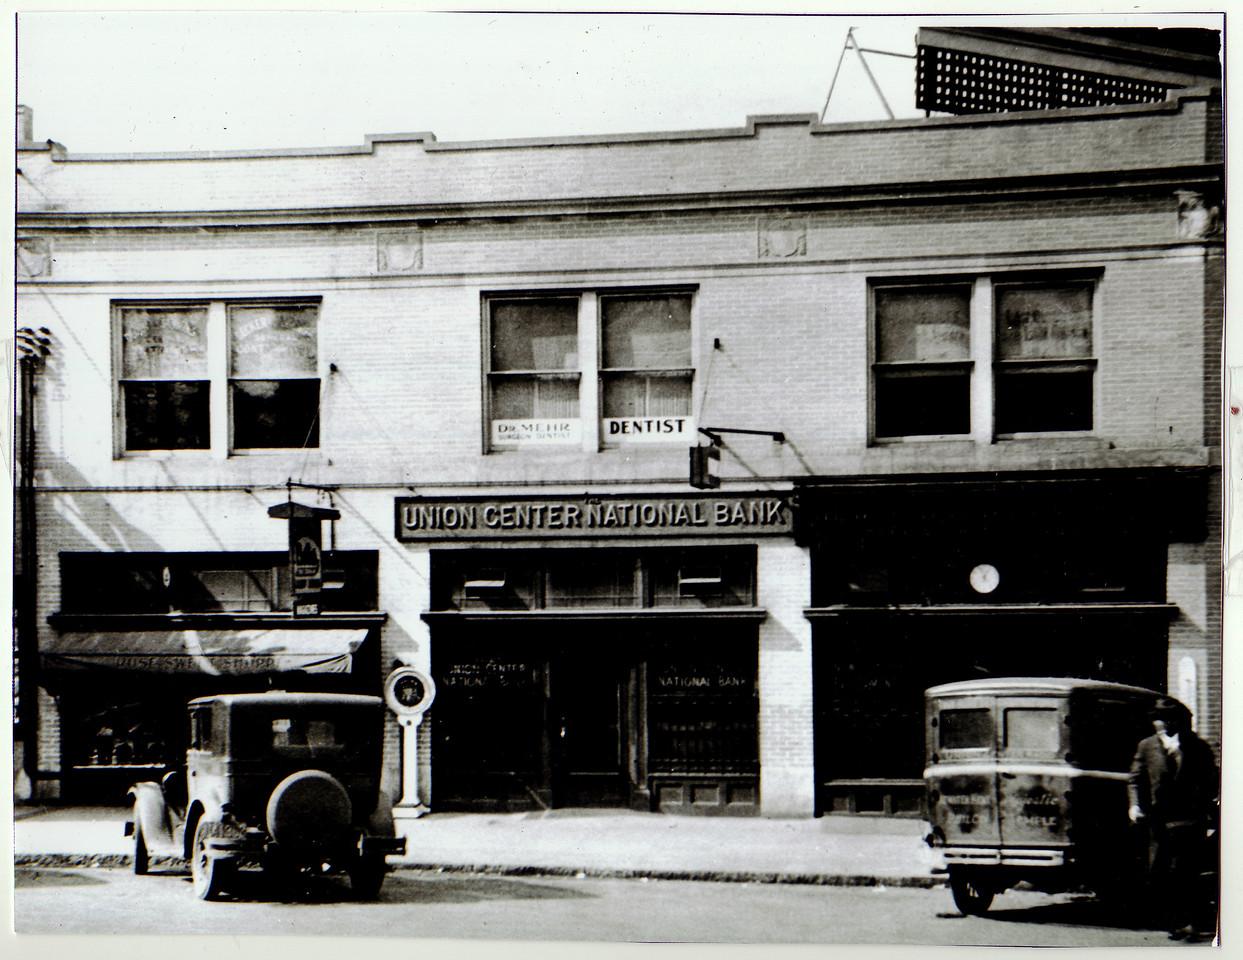 The original Union Center National Bank around 1923.